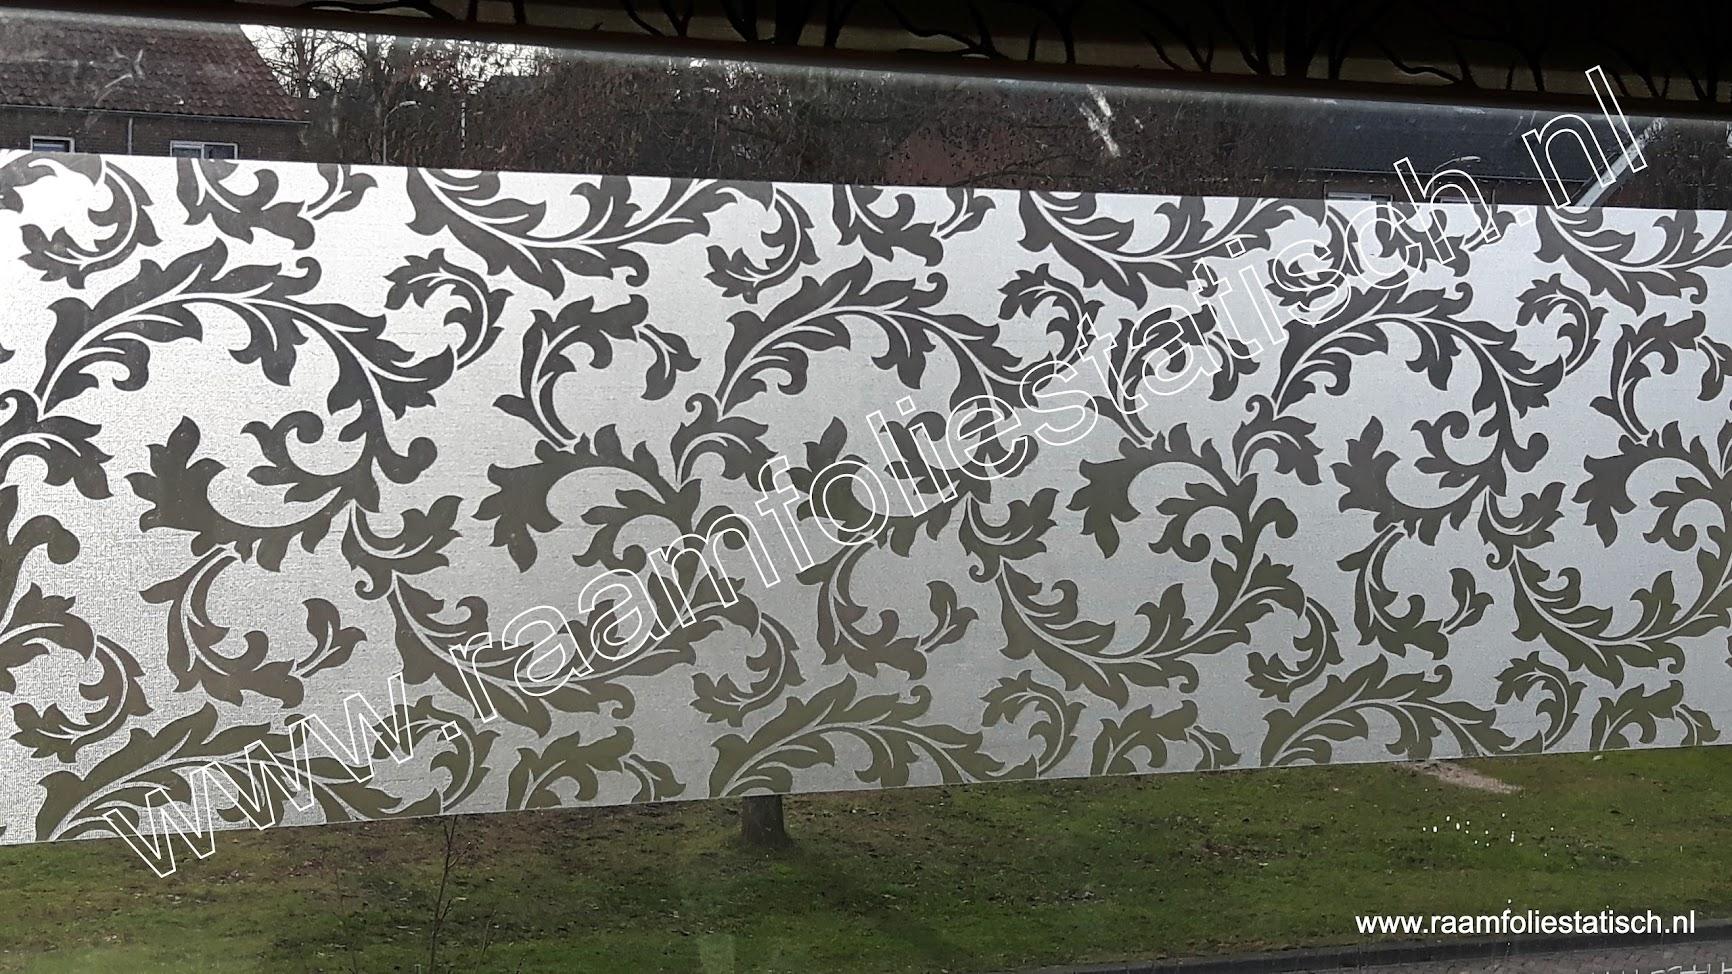 Raamfolie gekrulde bladeren 90cm raamfoliestatisch for Plakfolie decoratie